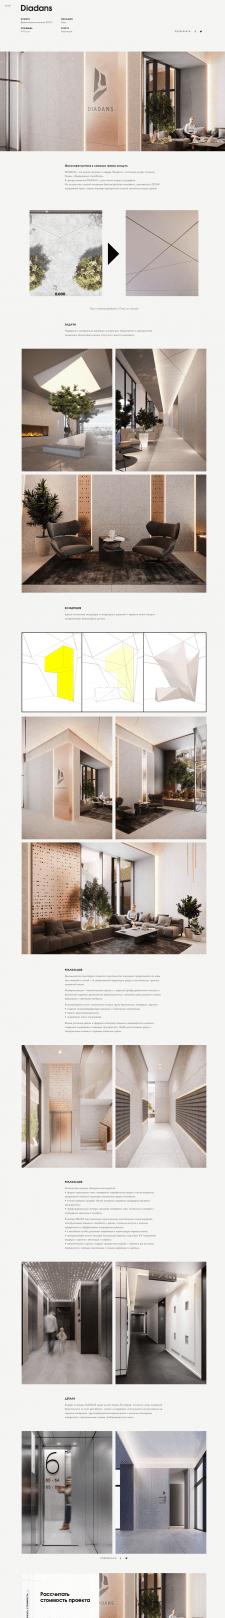 Кейс Diadans для архитектурного бюро